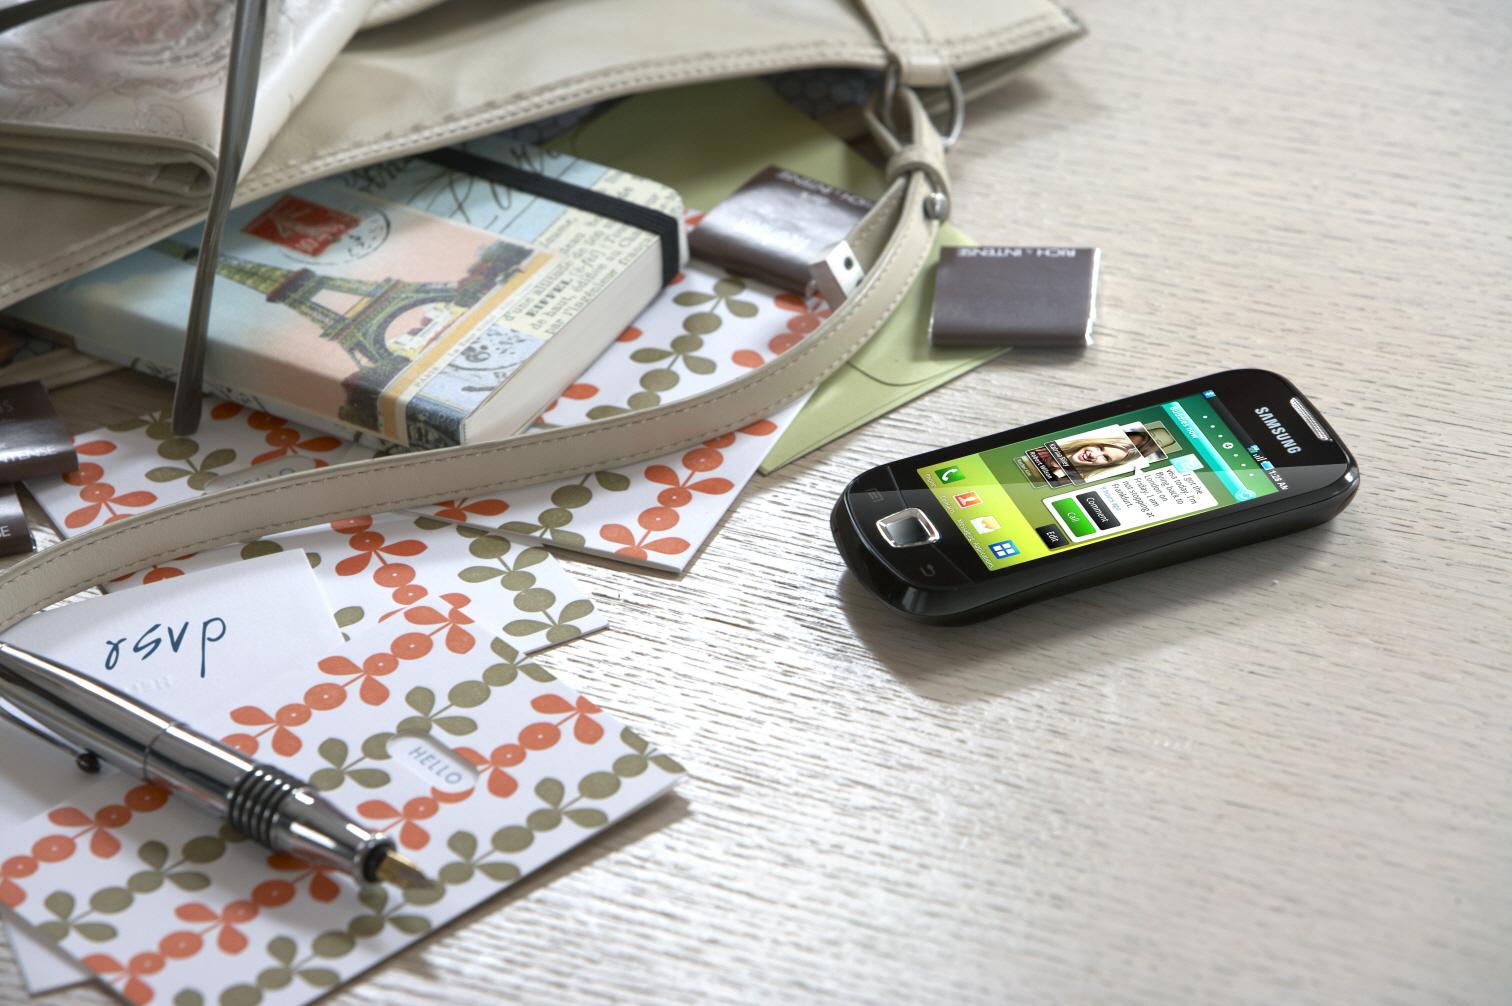 Samsung-Galaxy-3-_I5800